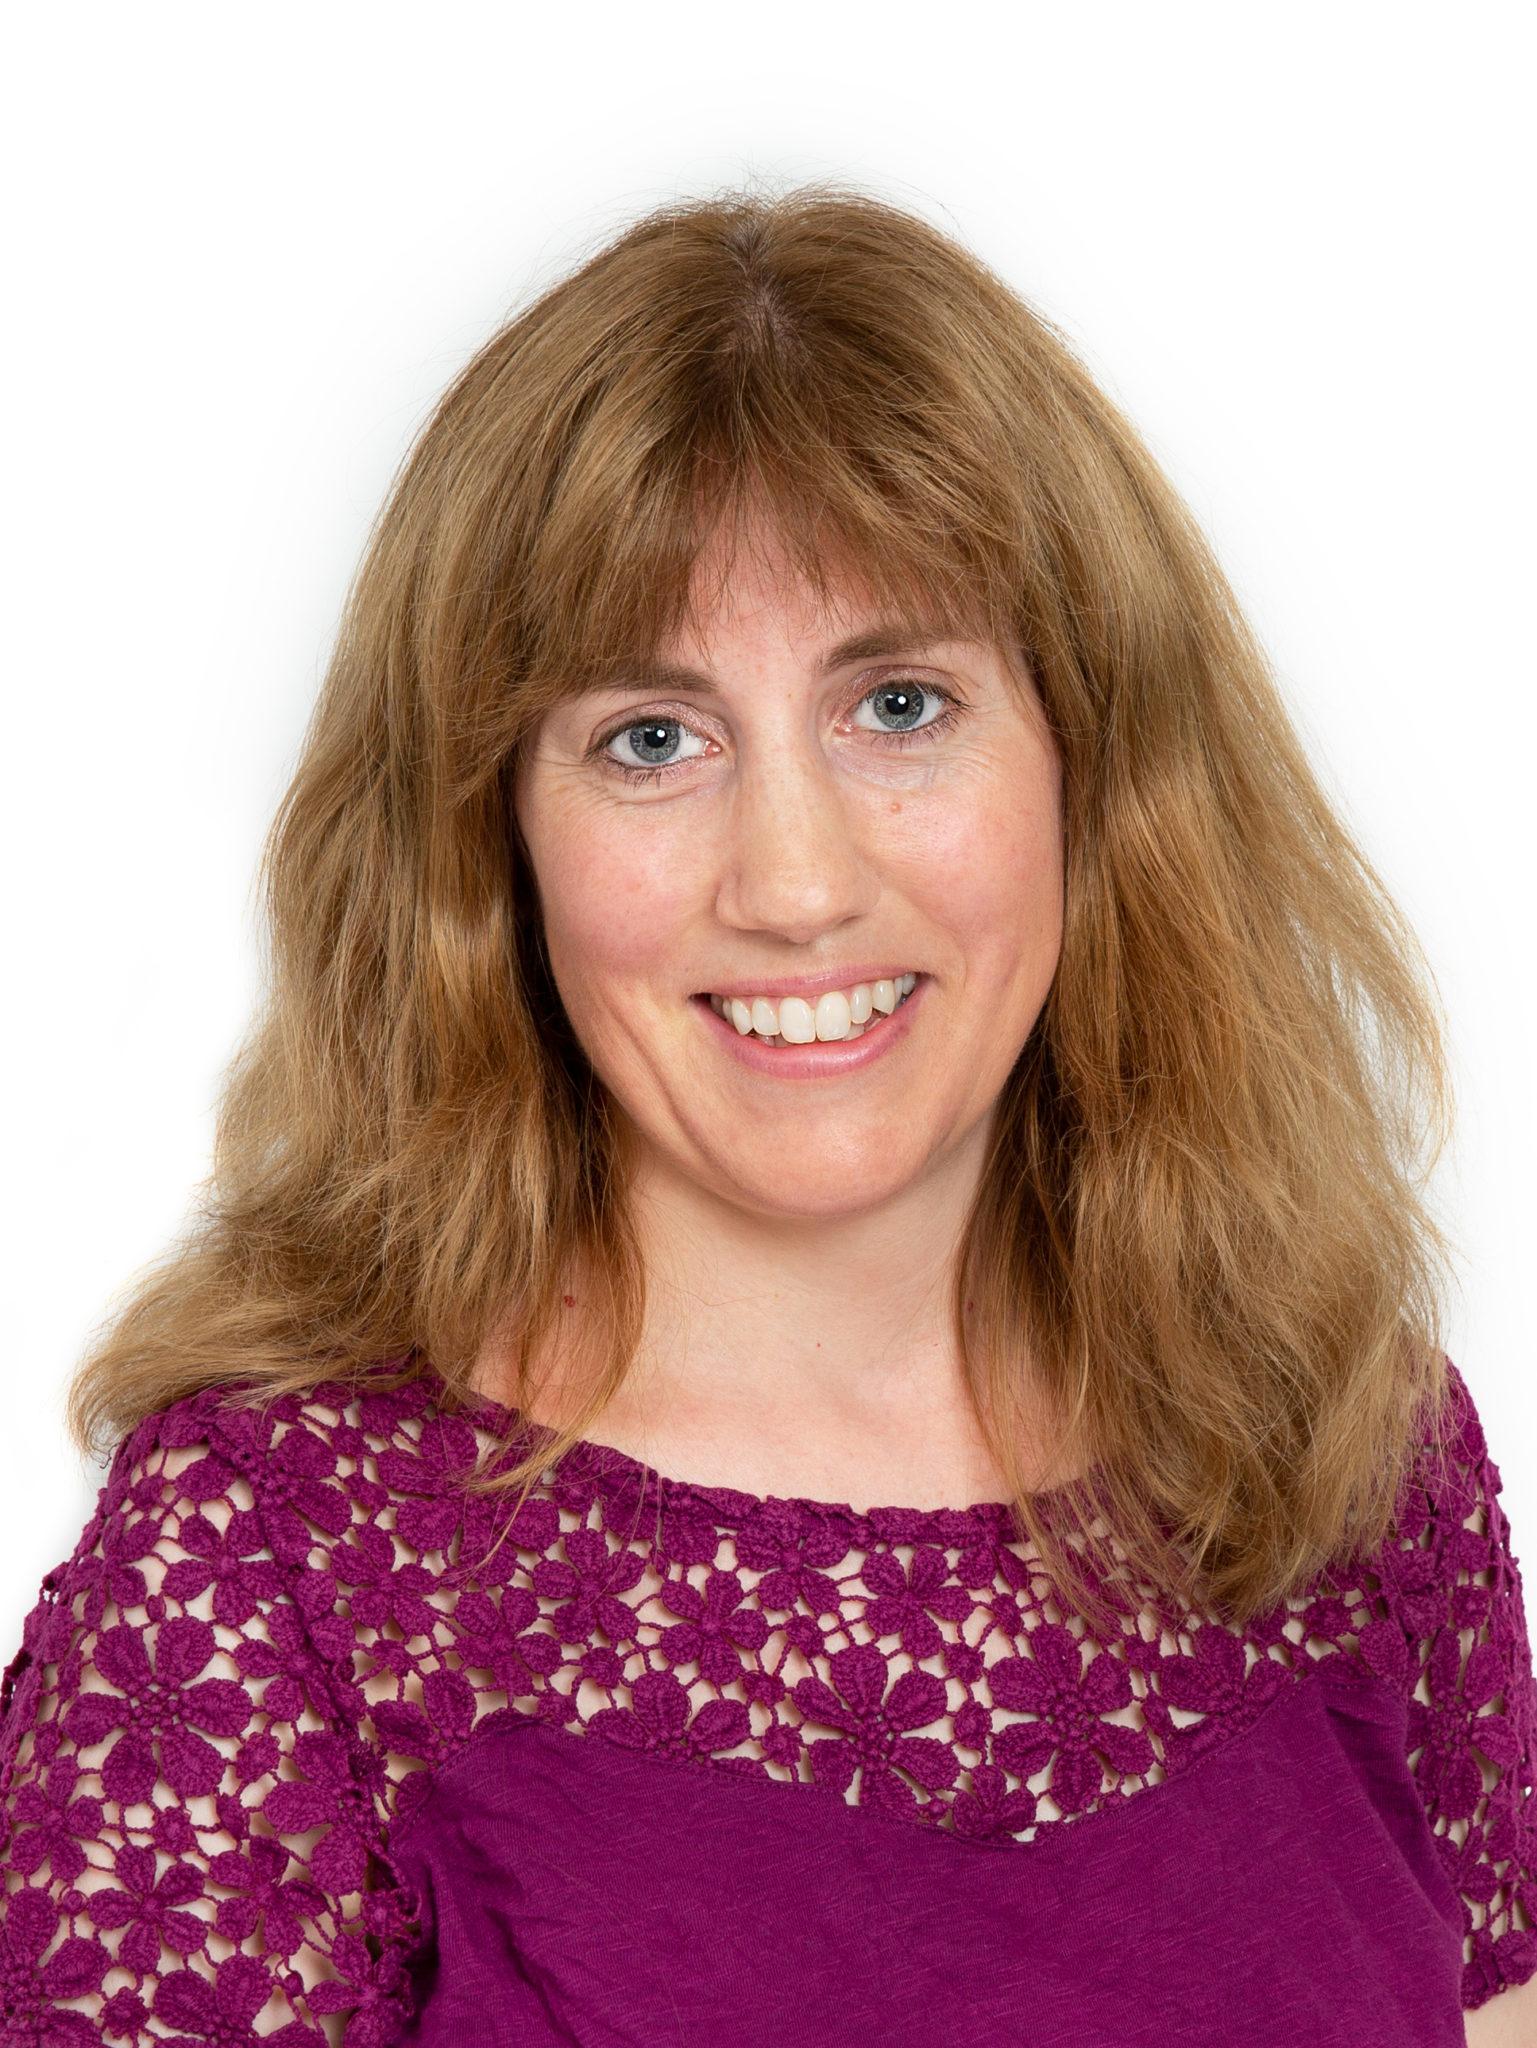 Anita Gossweiler